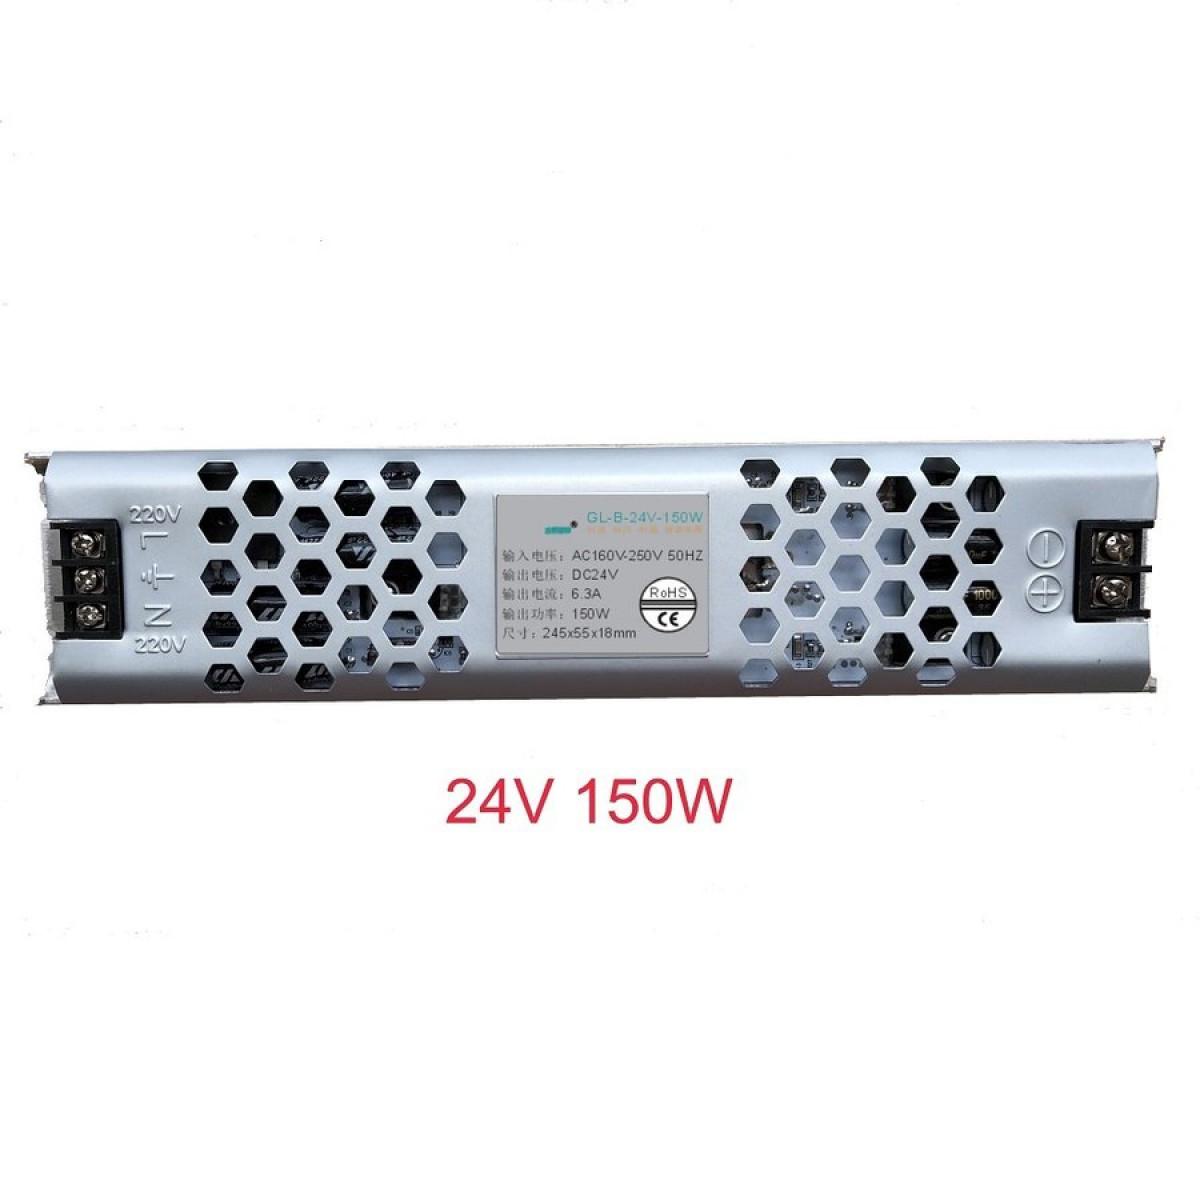 Захранване за LED - GL-B-24V-150W